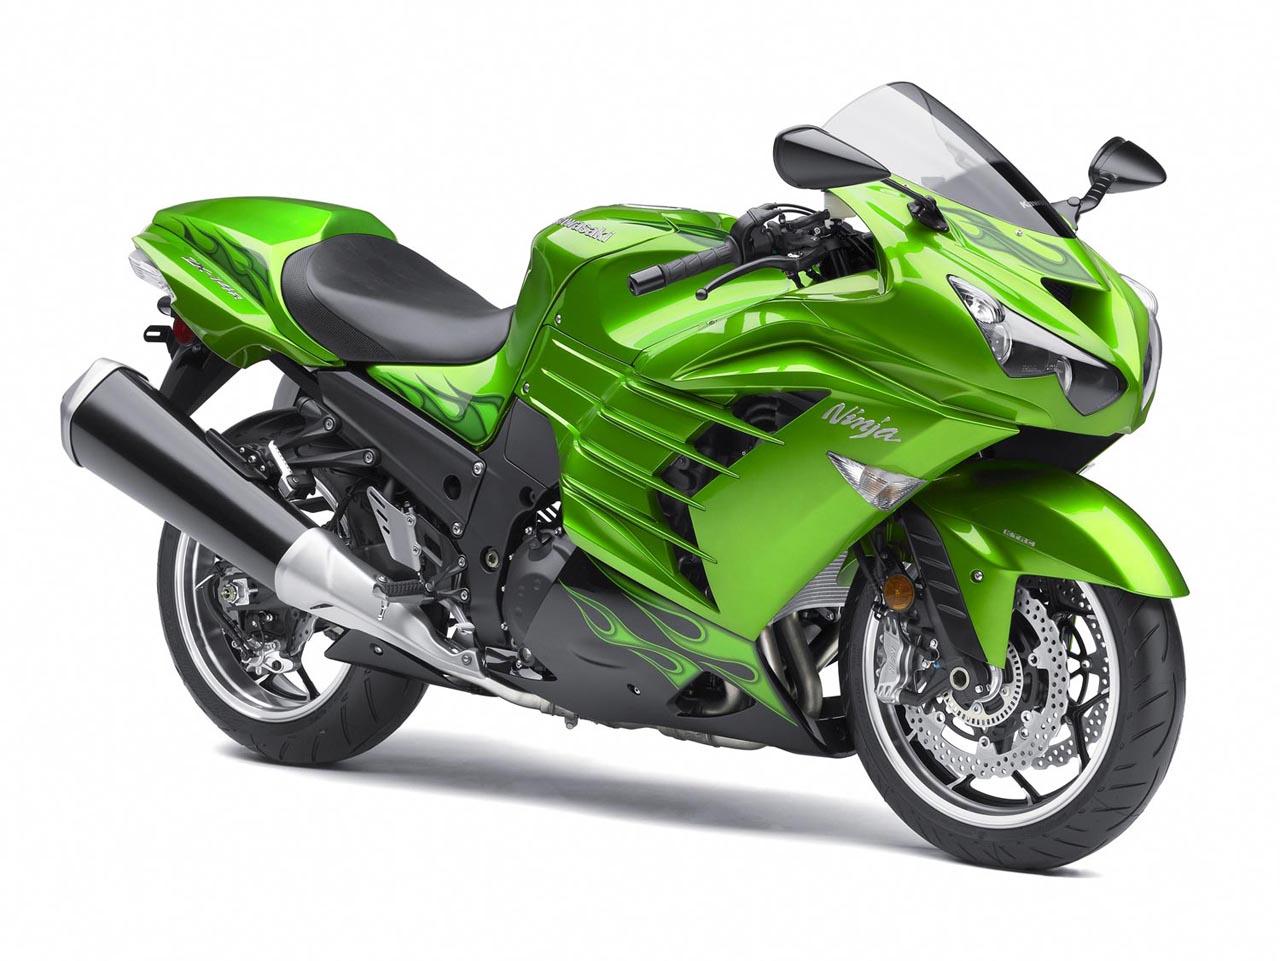 Kawasaki Ninja R Tire Size